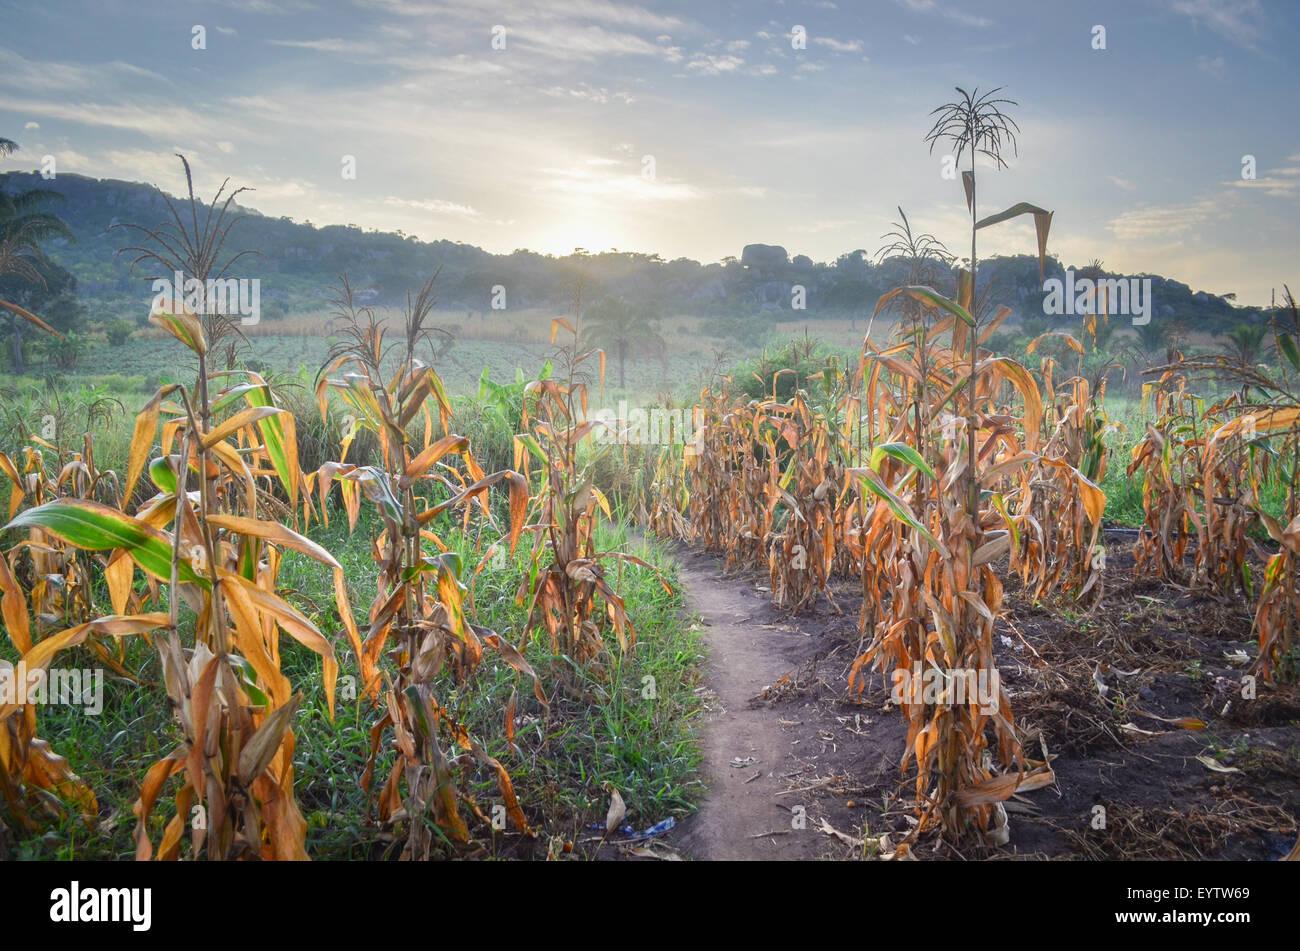 Los campos de maíz (maíz) en la provincia de Cuanza Sul de Angola al amanecer. Imagen De Stock